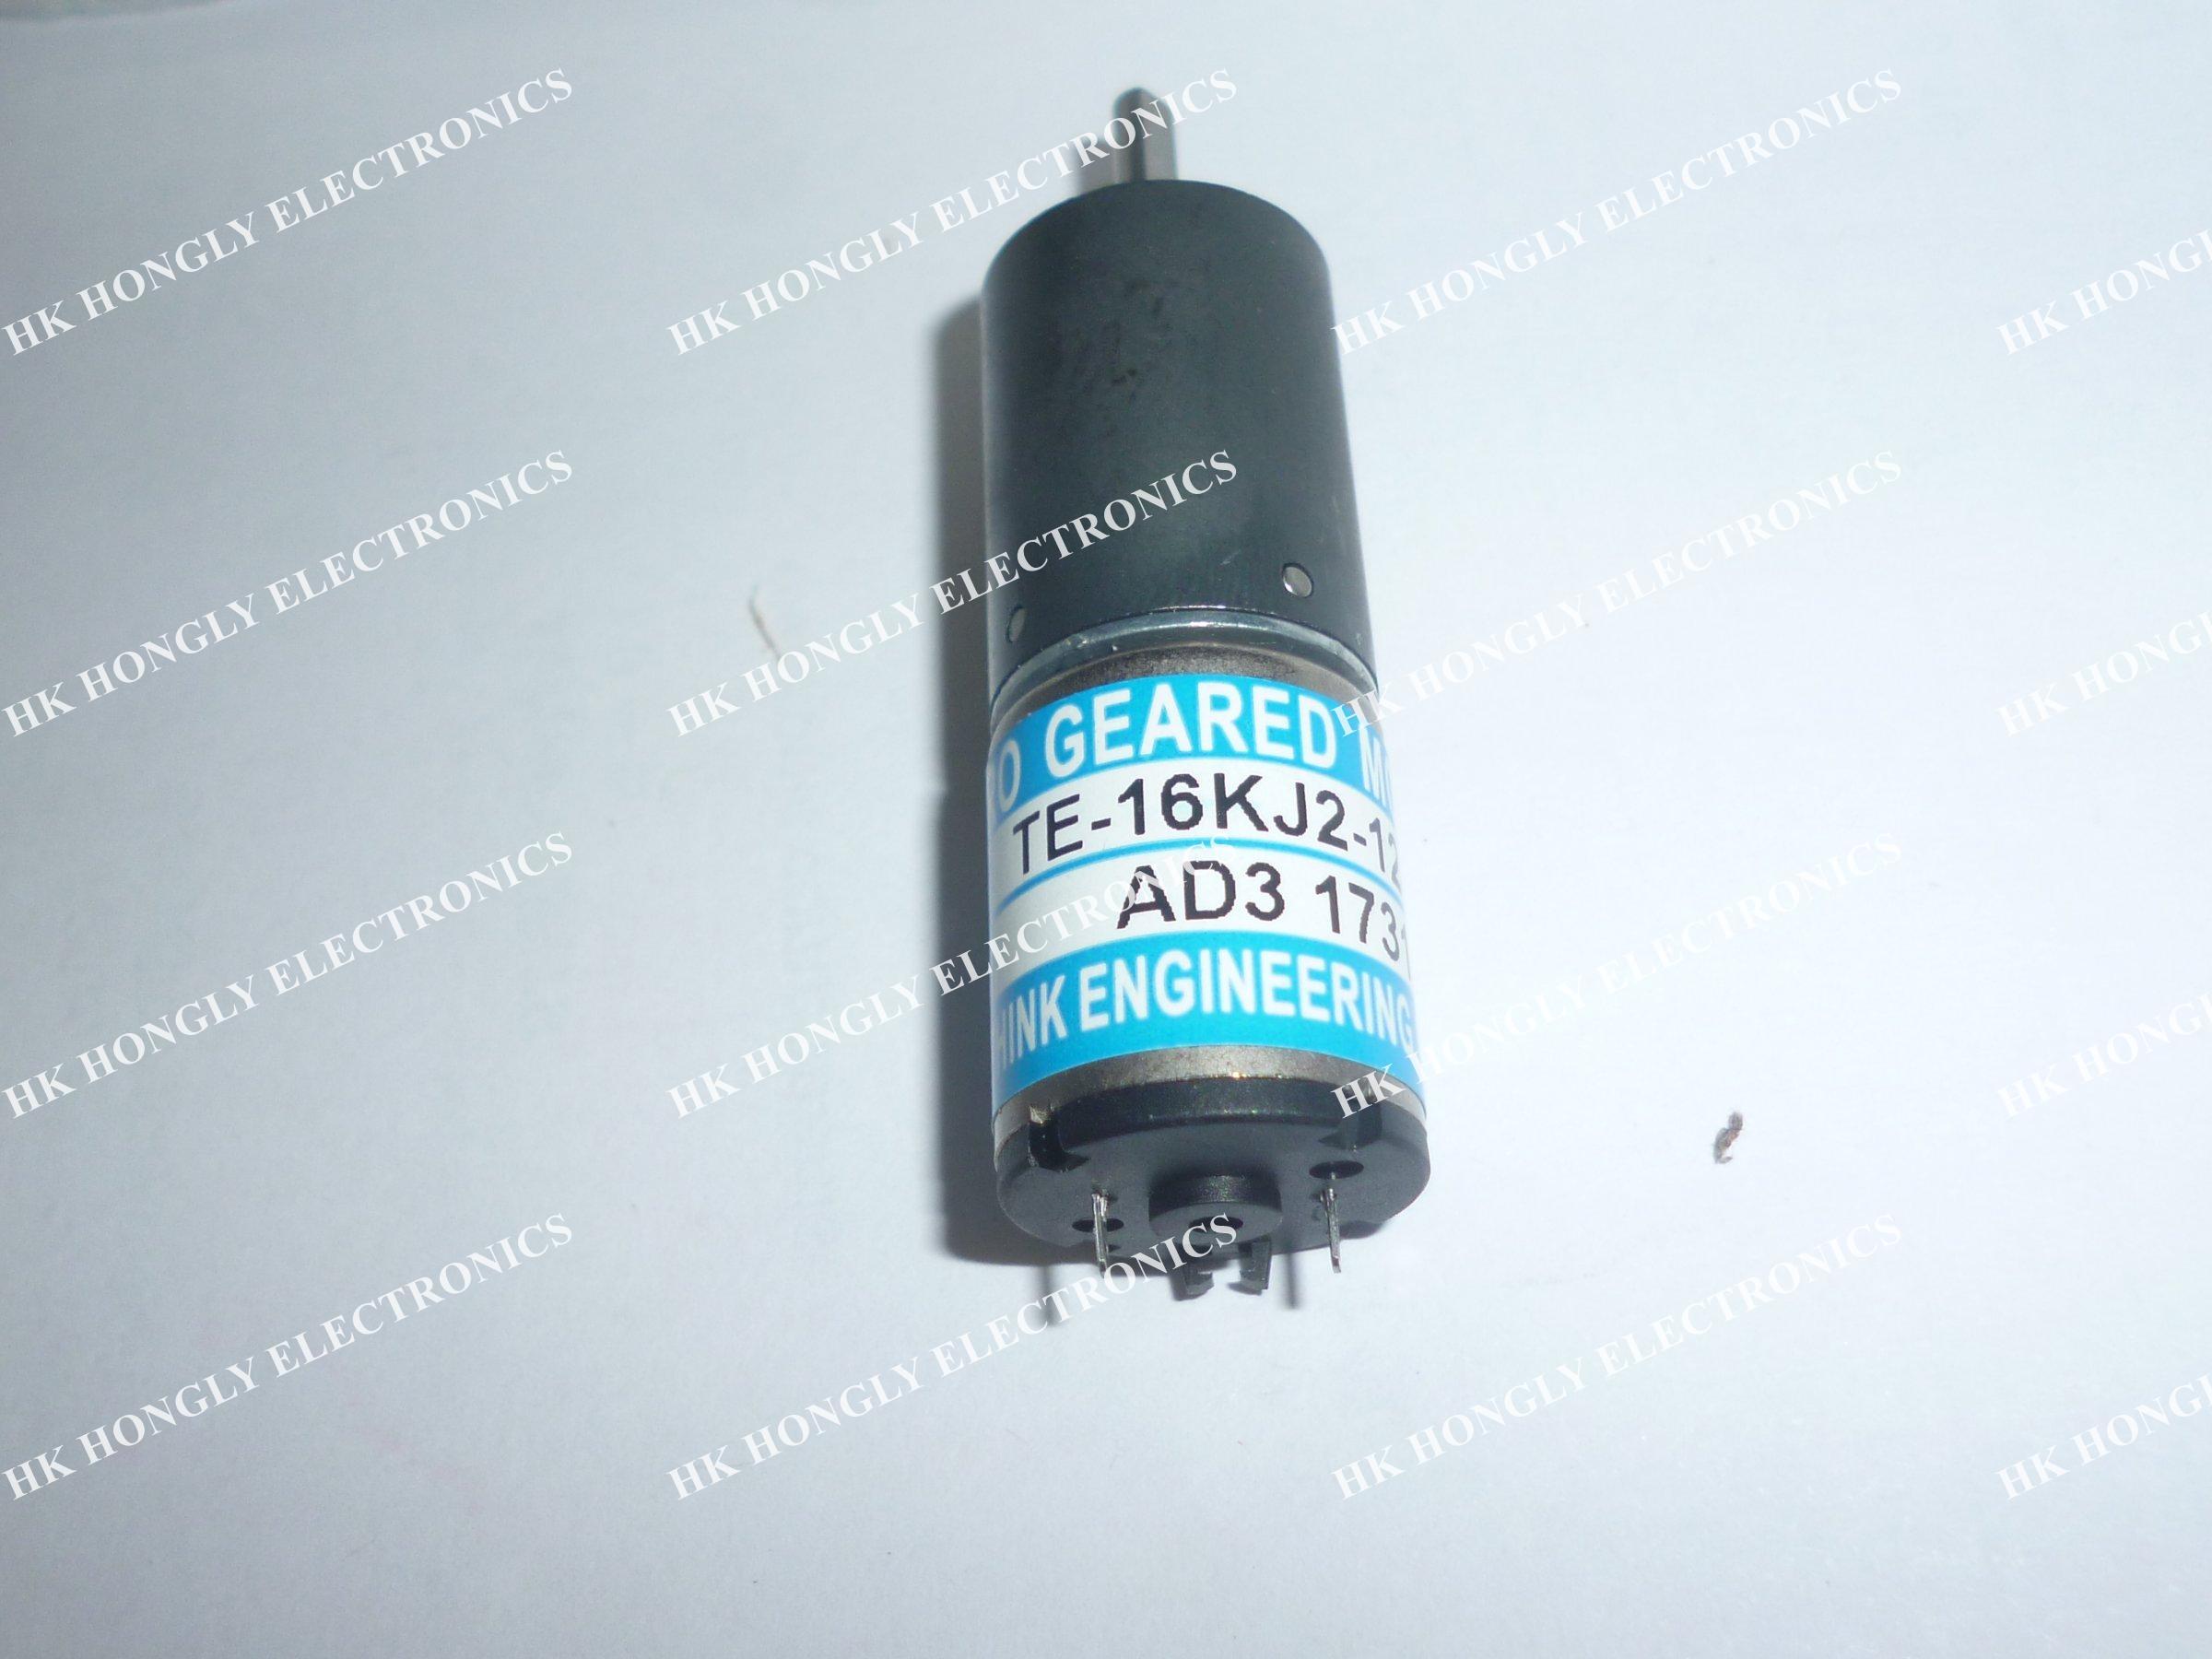 TE-16KJ2-12-576  TE16KJ2-12-576  TE-16KJ2-12-384   TE16KJ2-12-384